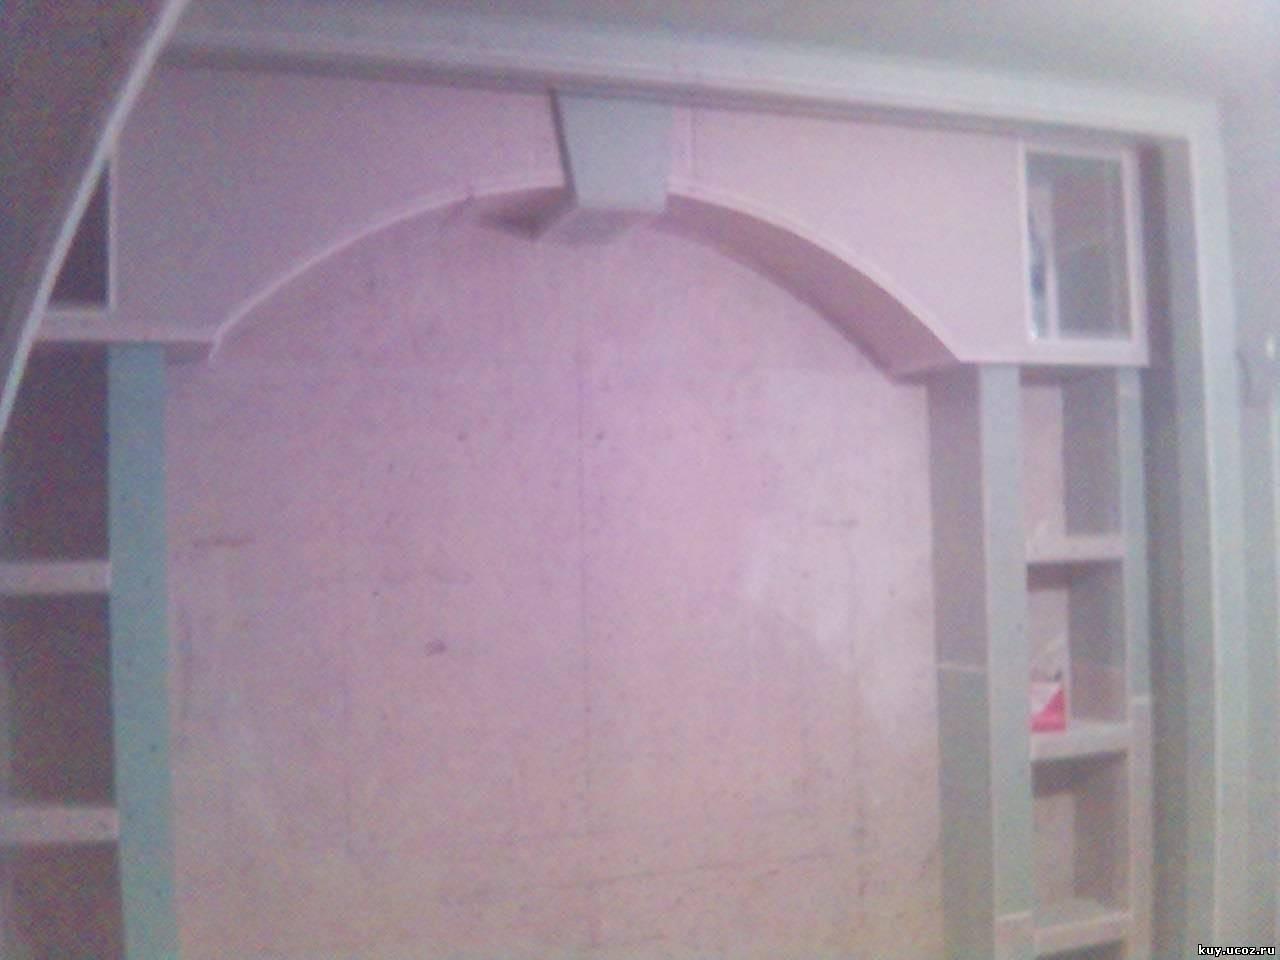 Установка гипсокартона своими руками на стену